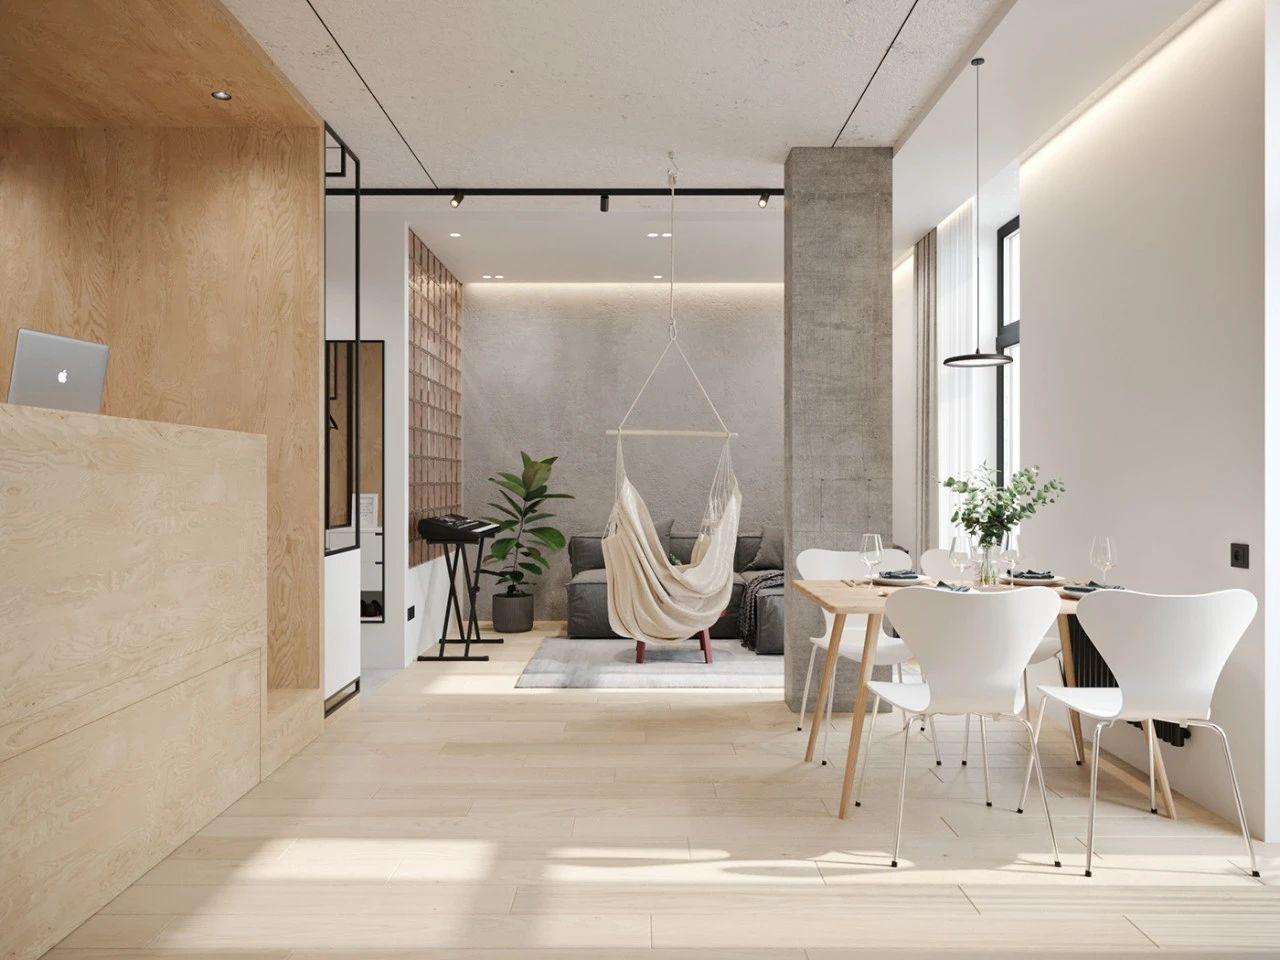 36㎡小公寓客餐厅装修效果图